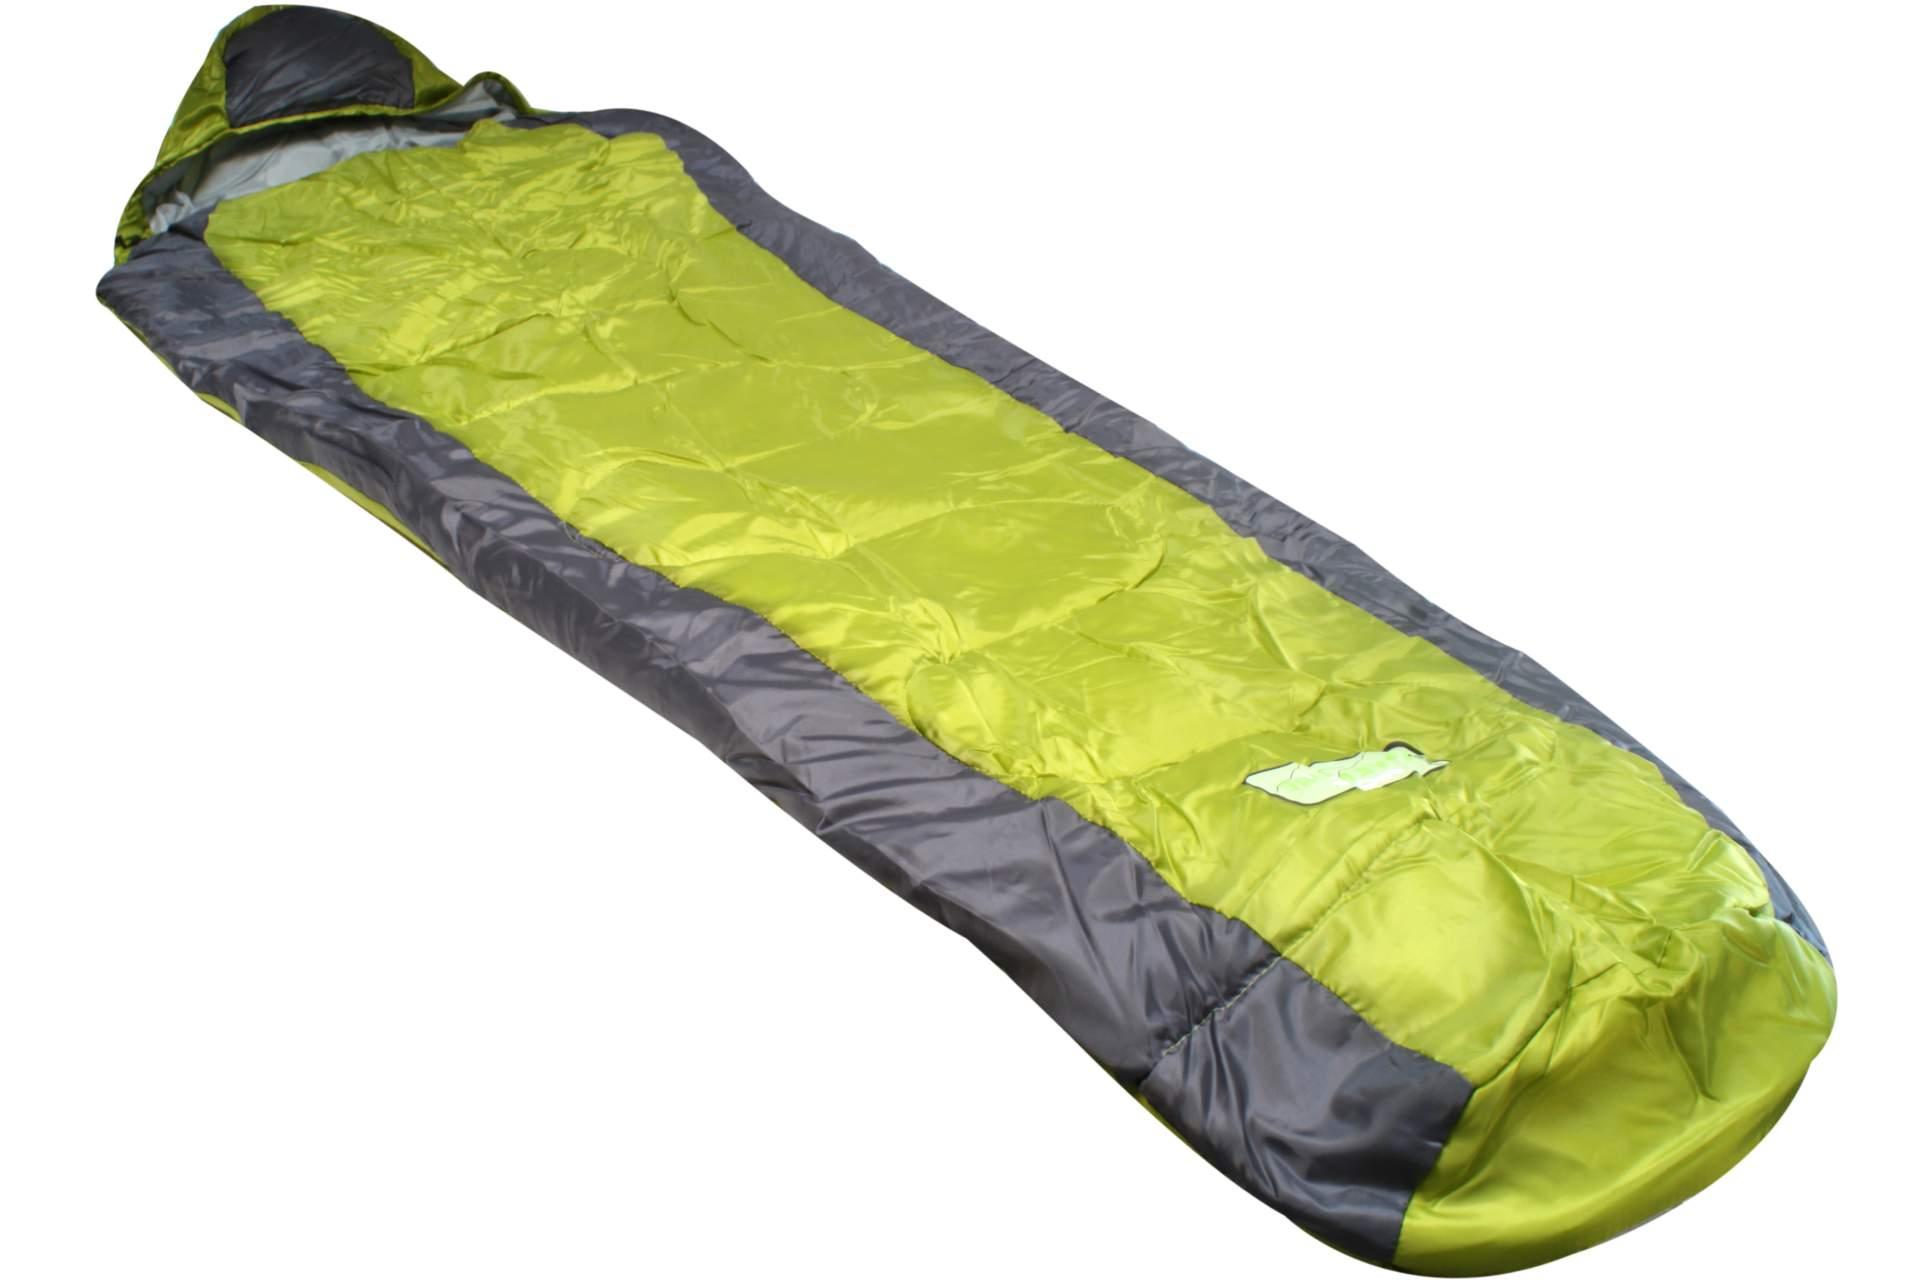 Zelten Ohne Schlafsack : Mumienschlafsack grün grau camping outdoor mumien hütten